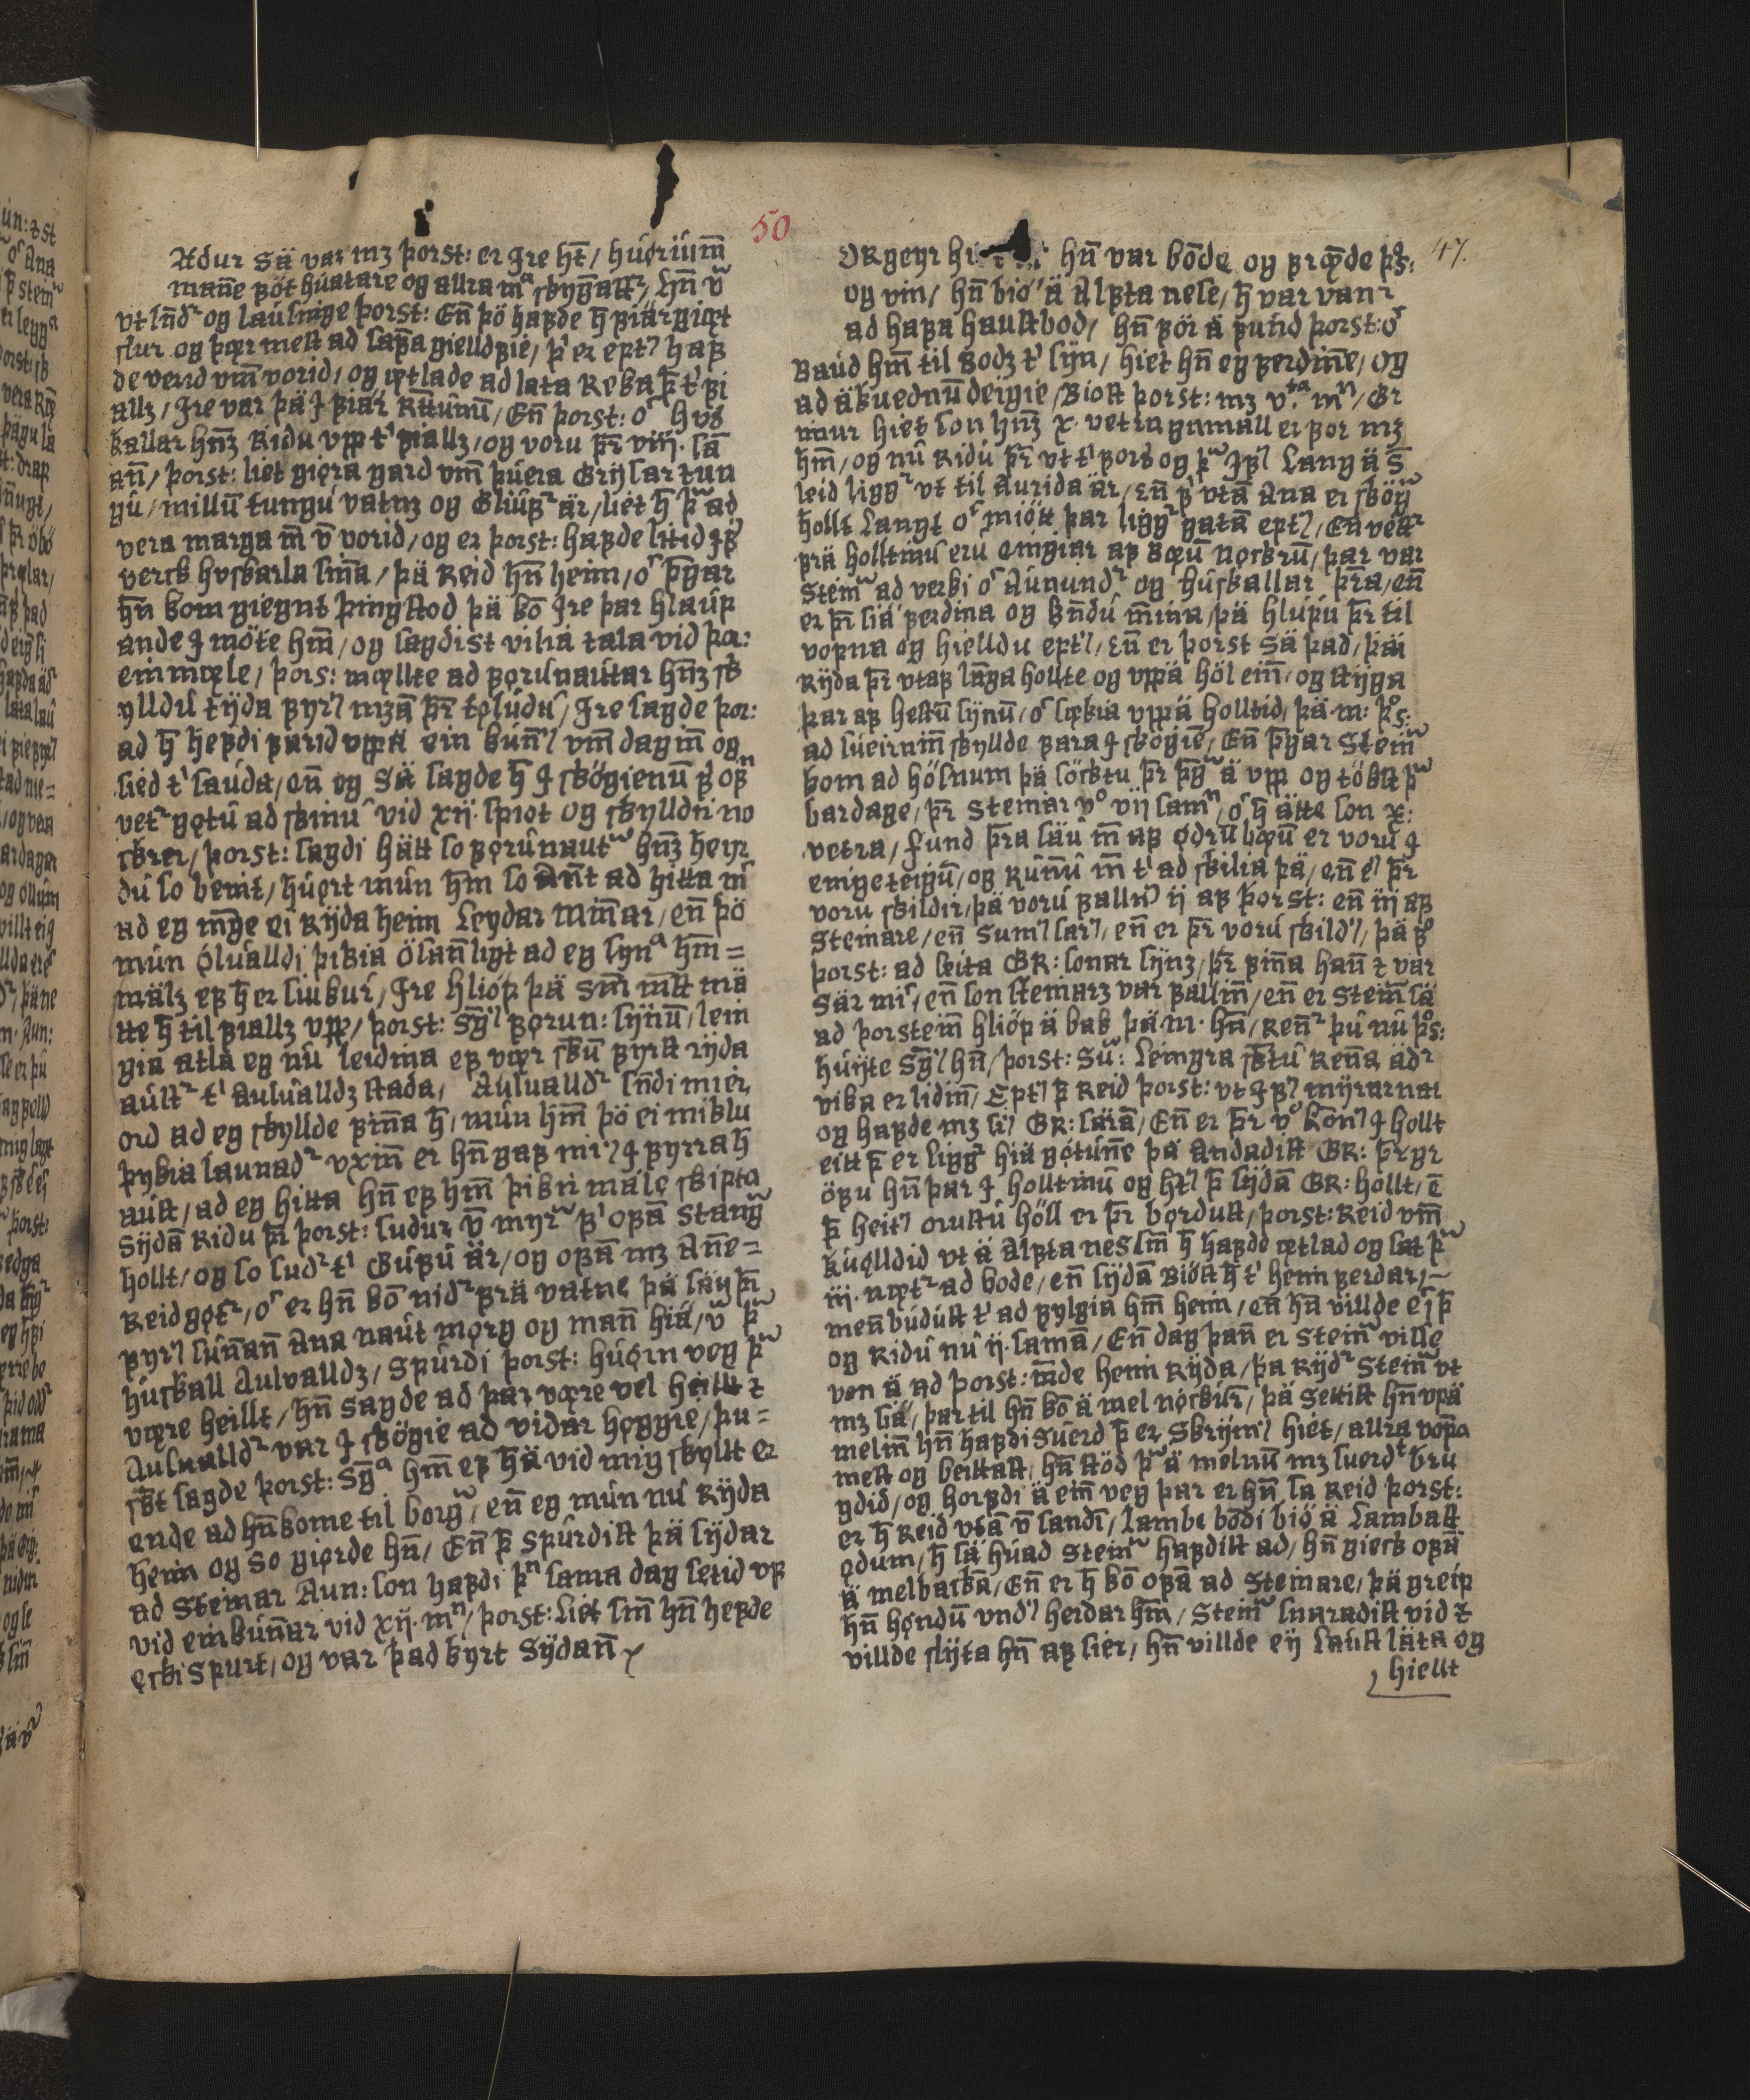 AM 128 fol - 50r